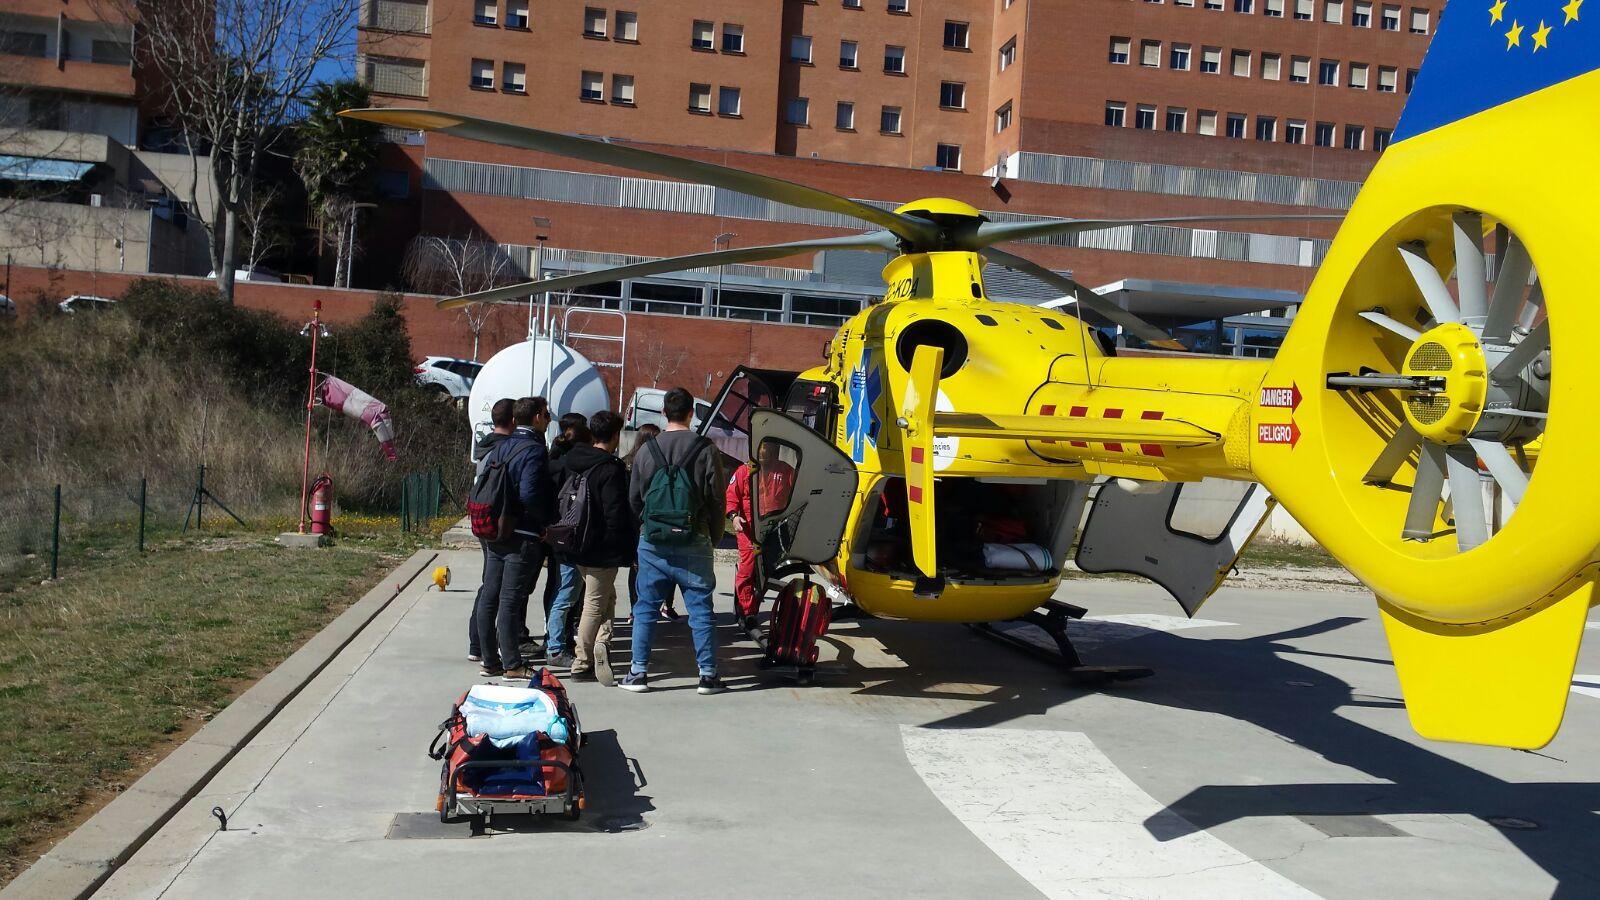 Els alumnes de 1r curs del cicle formatiu de TES visiten l'heliport de l'hospital Josep Trueta de Girona